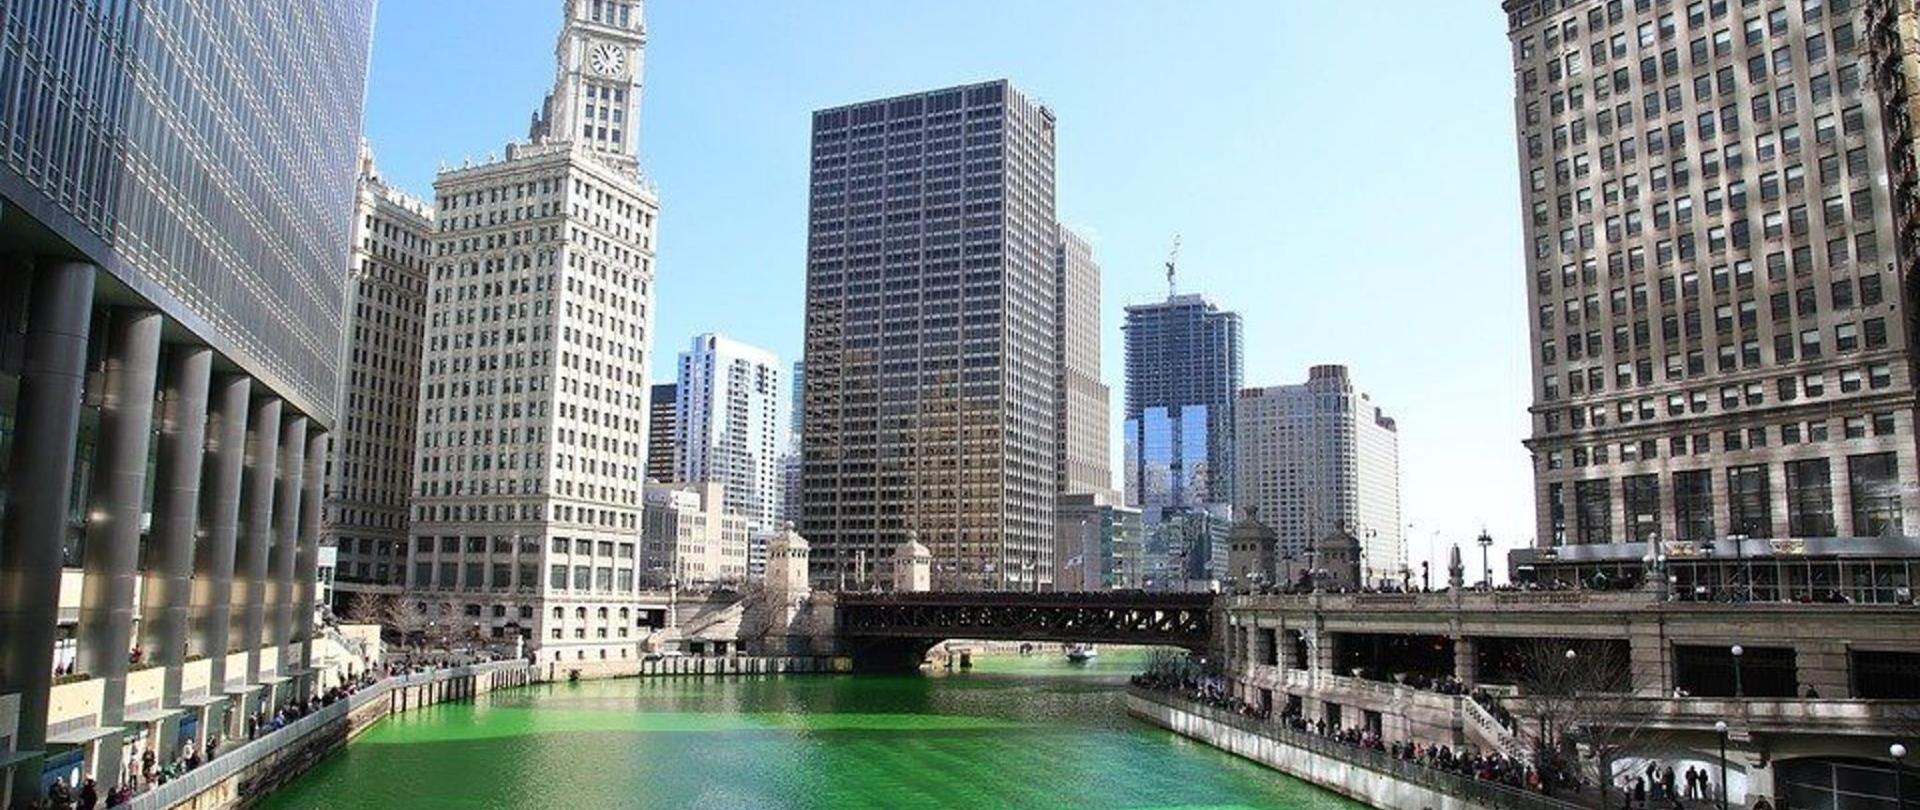 chicago-1411263_960_720.jpg